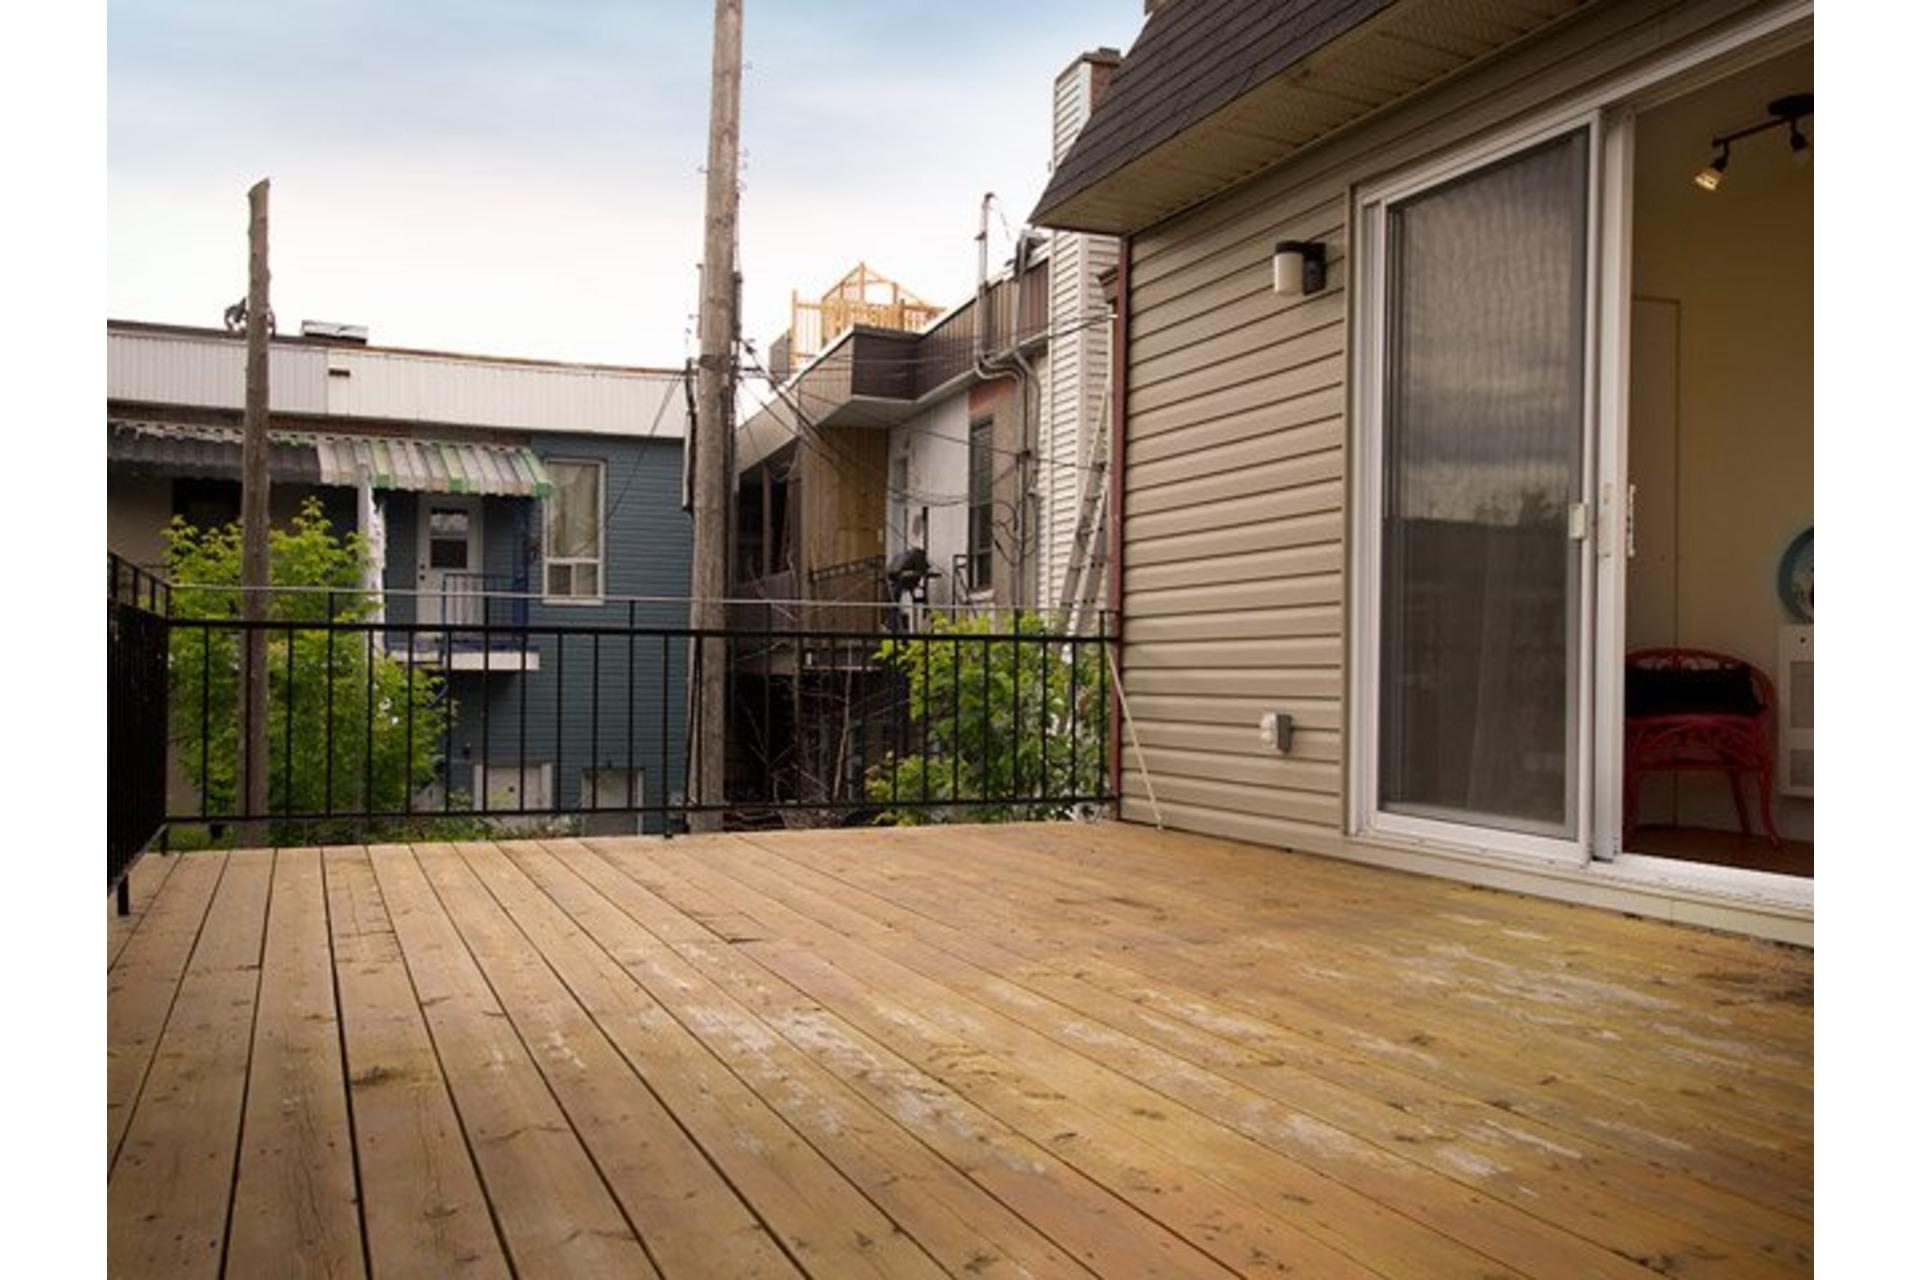 image 31 - Duplex À vendre Le Sud-Ouest Montréal  - 5 pièces